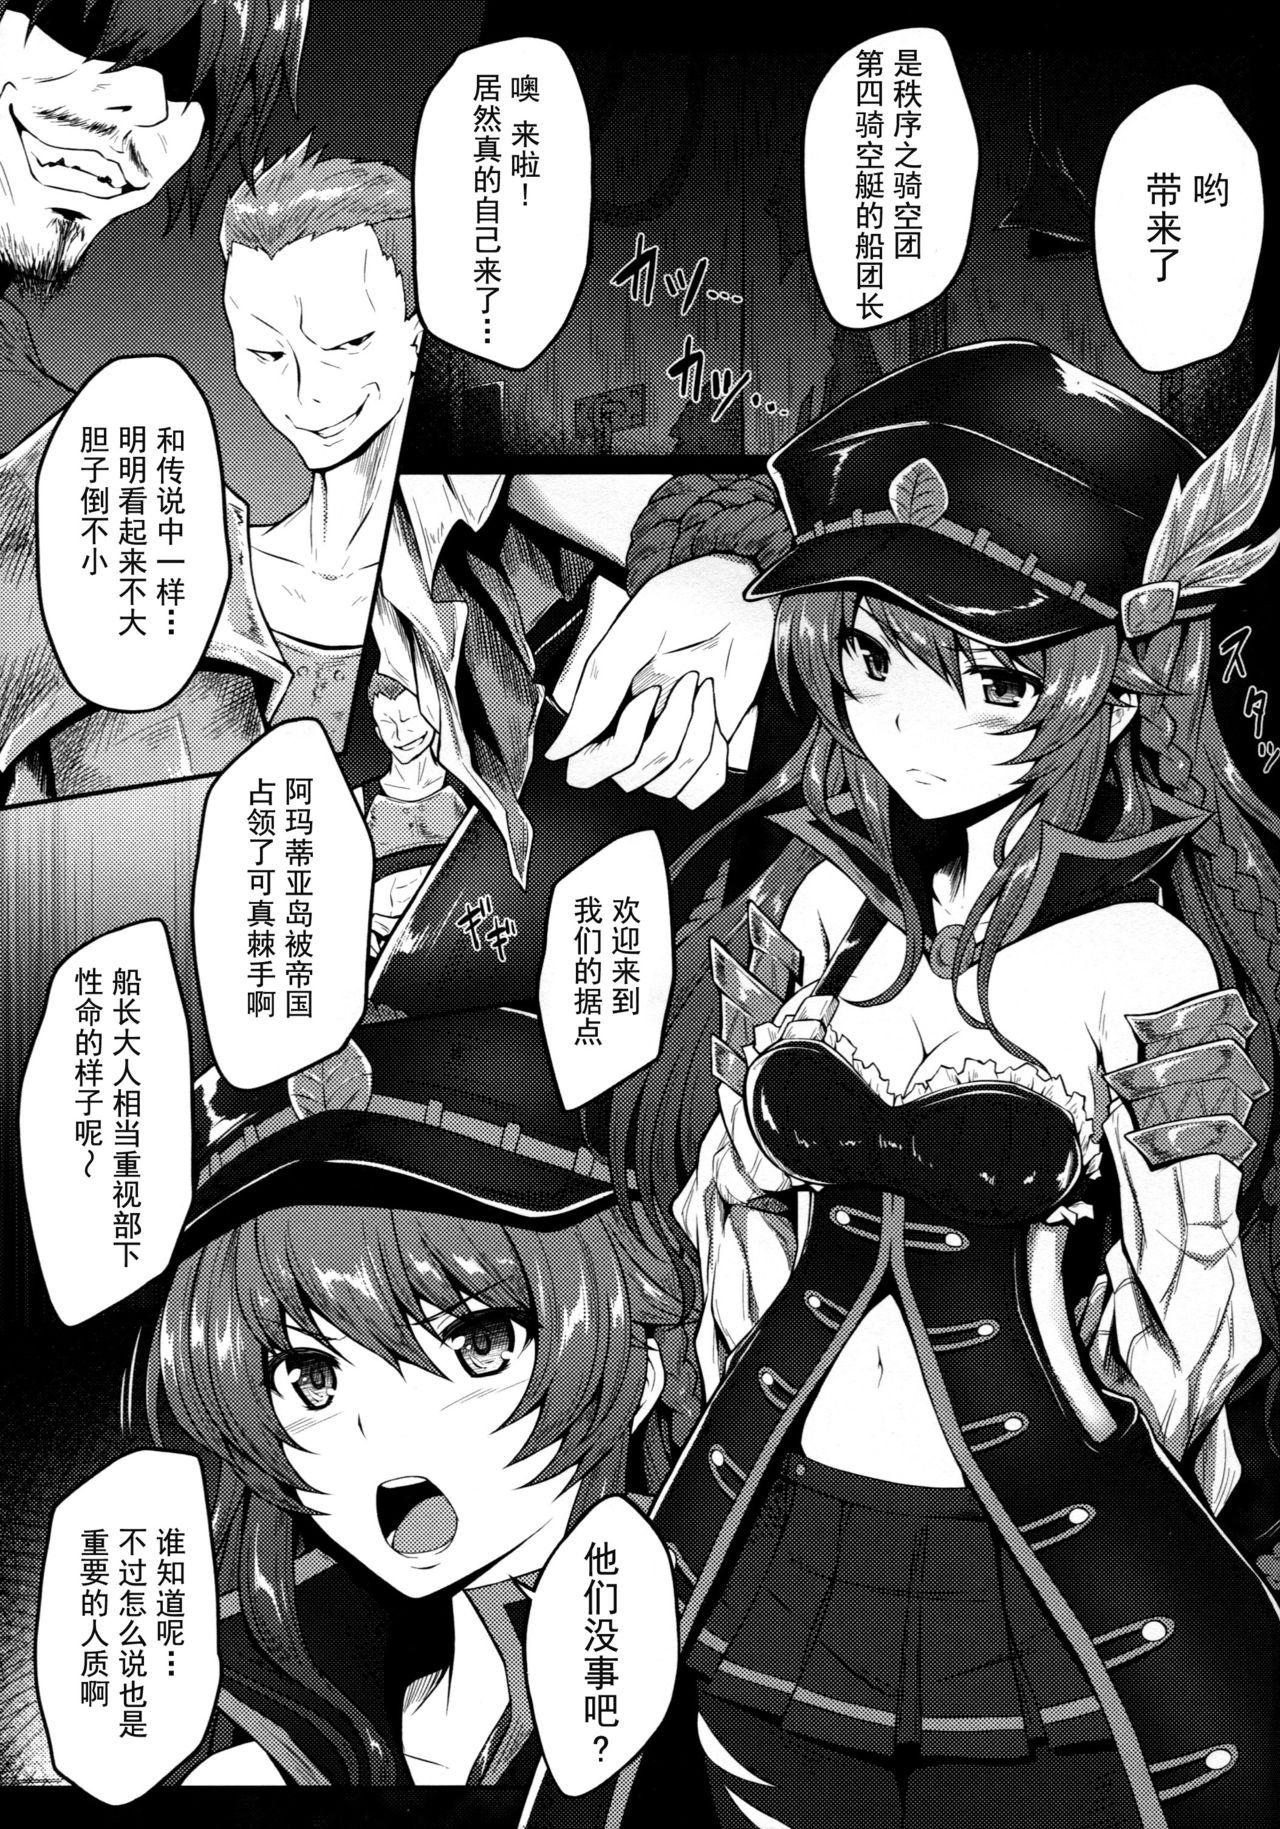 Watashi ga Mamoranakya... 3